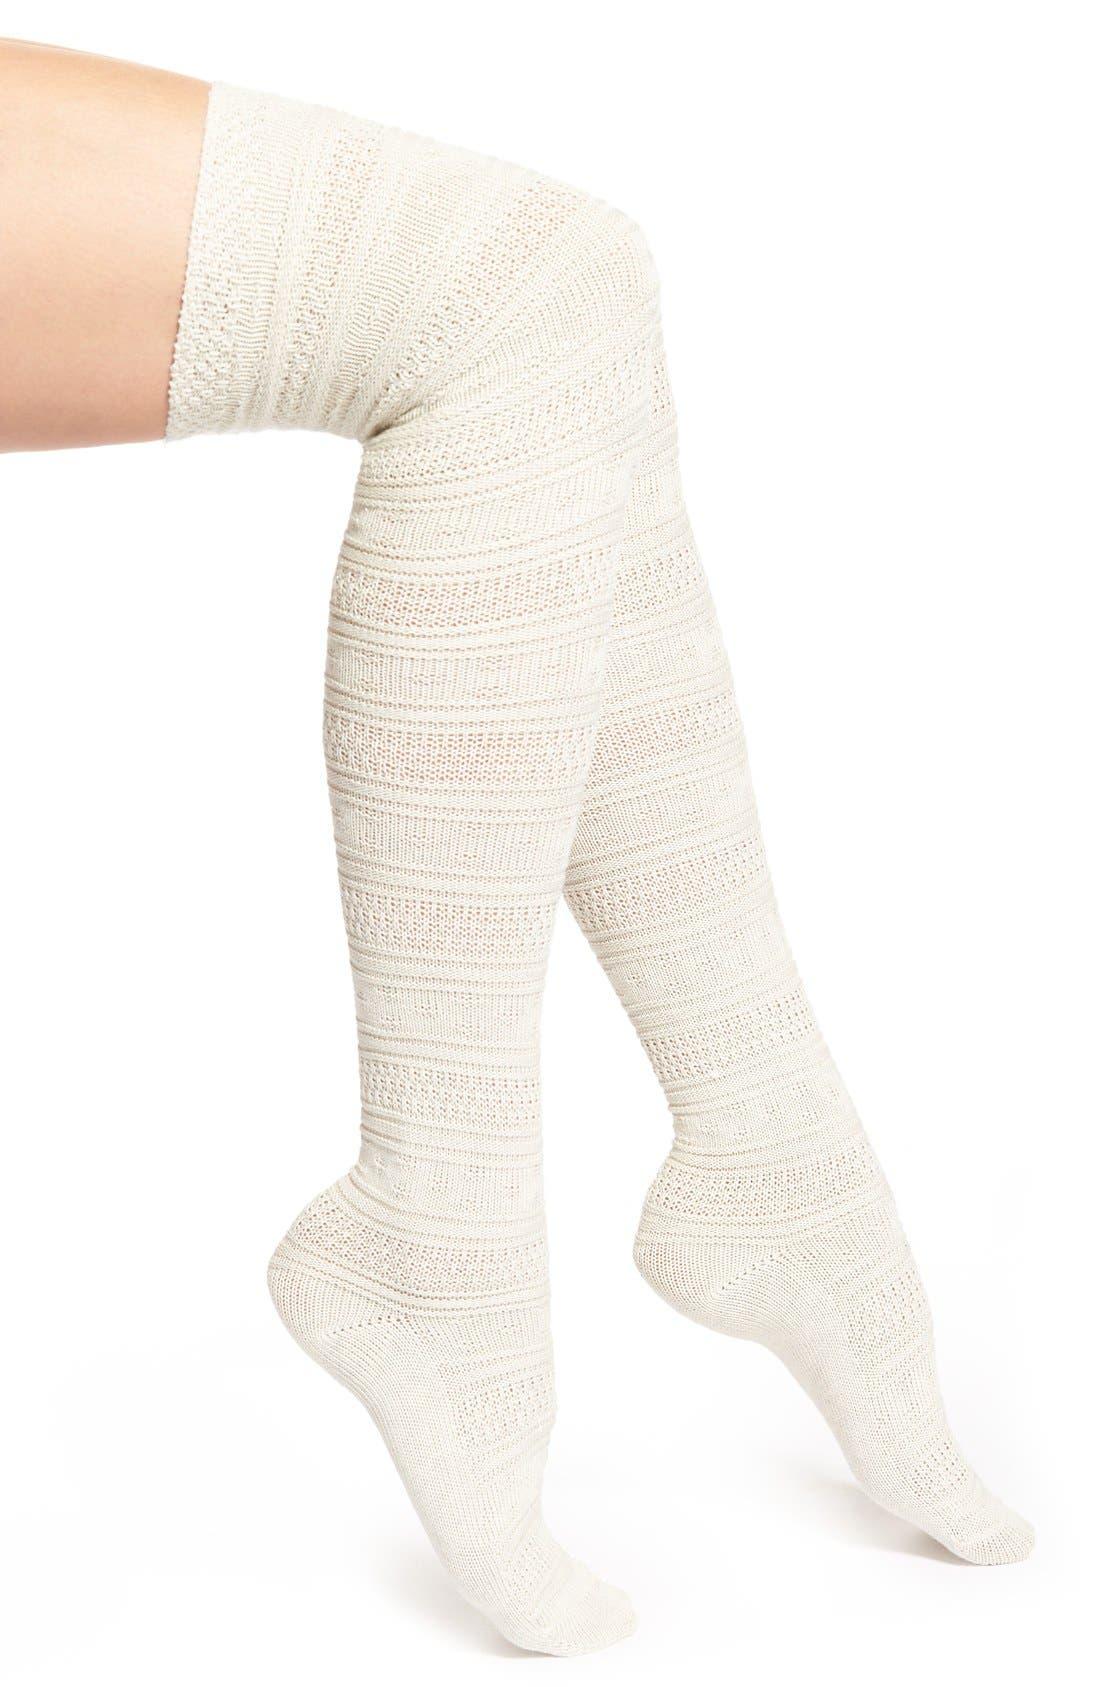 Main Image - Lemon 'Ice Dust' Crochet Over the Knee Socks